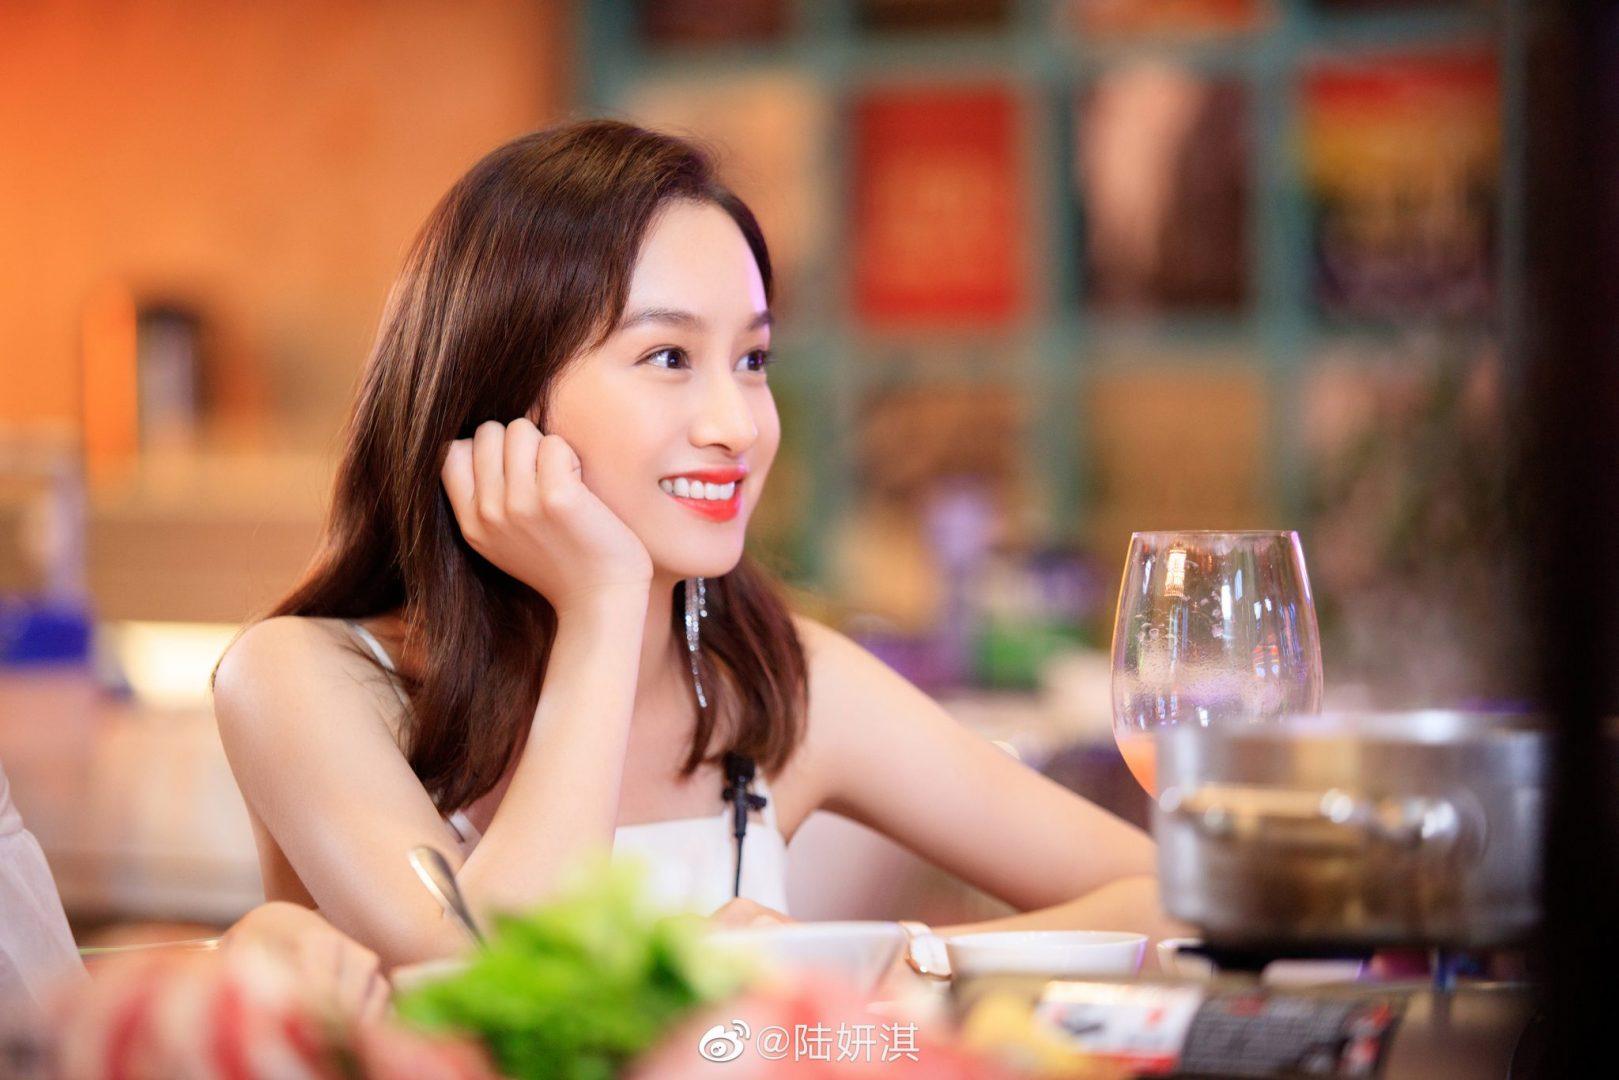 Lục Nghiên Kỳ 陆妍淇